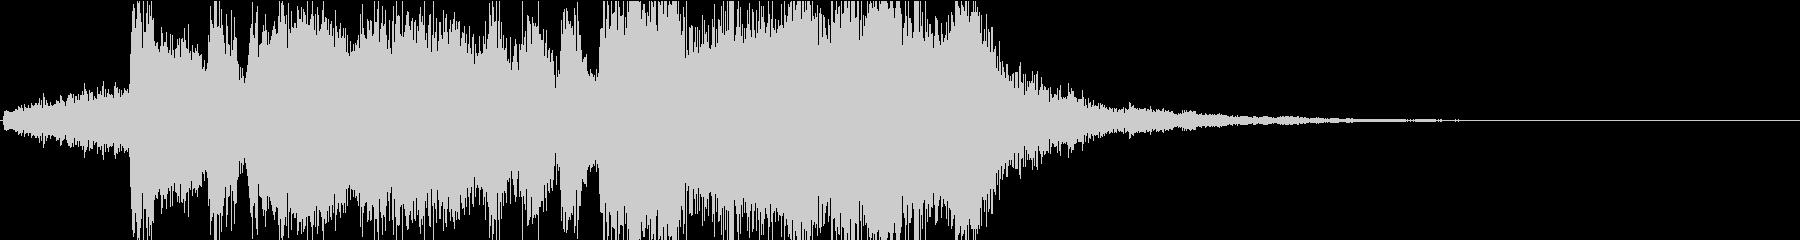 レベルアップ!オーケストラファンファーレの未再生の波形